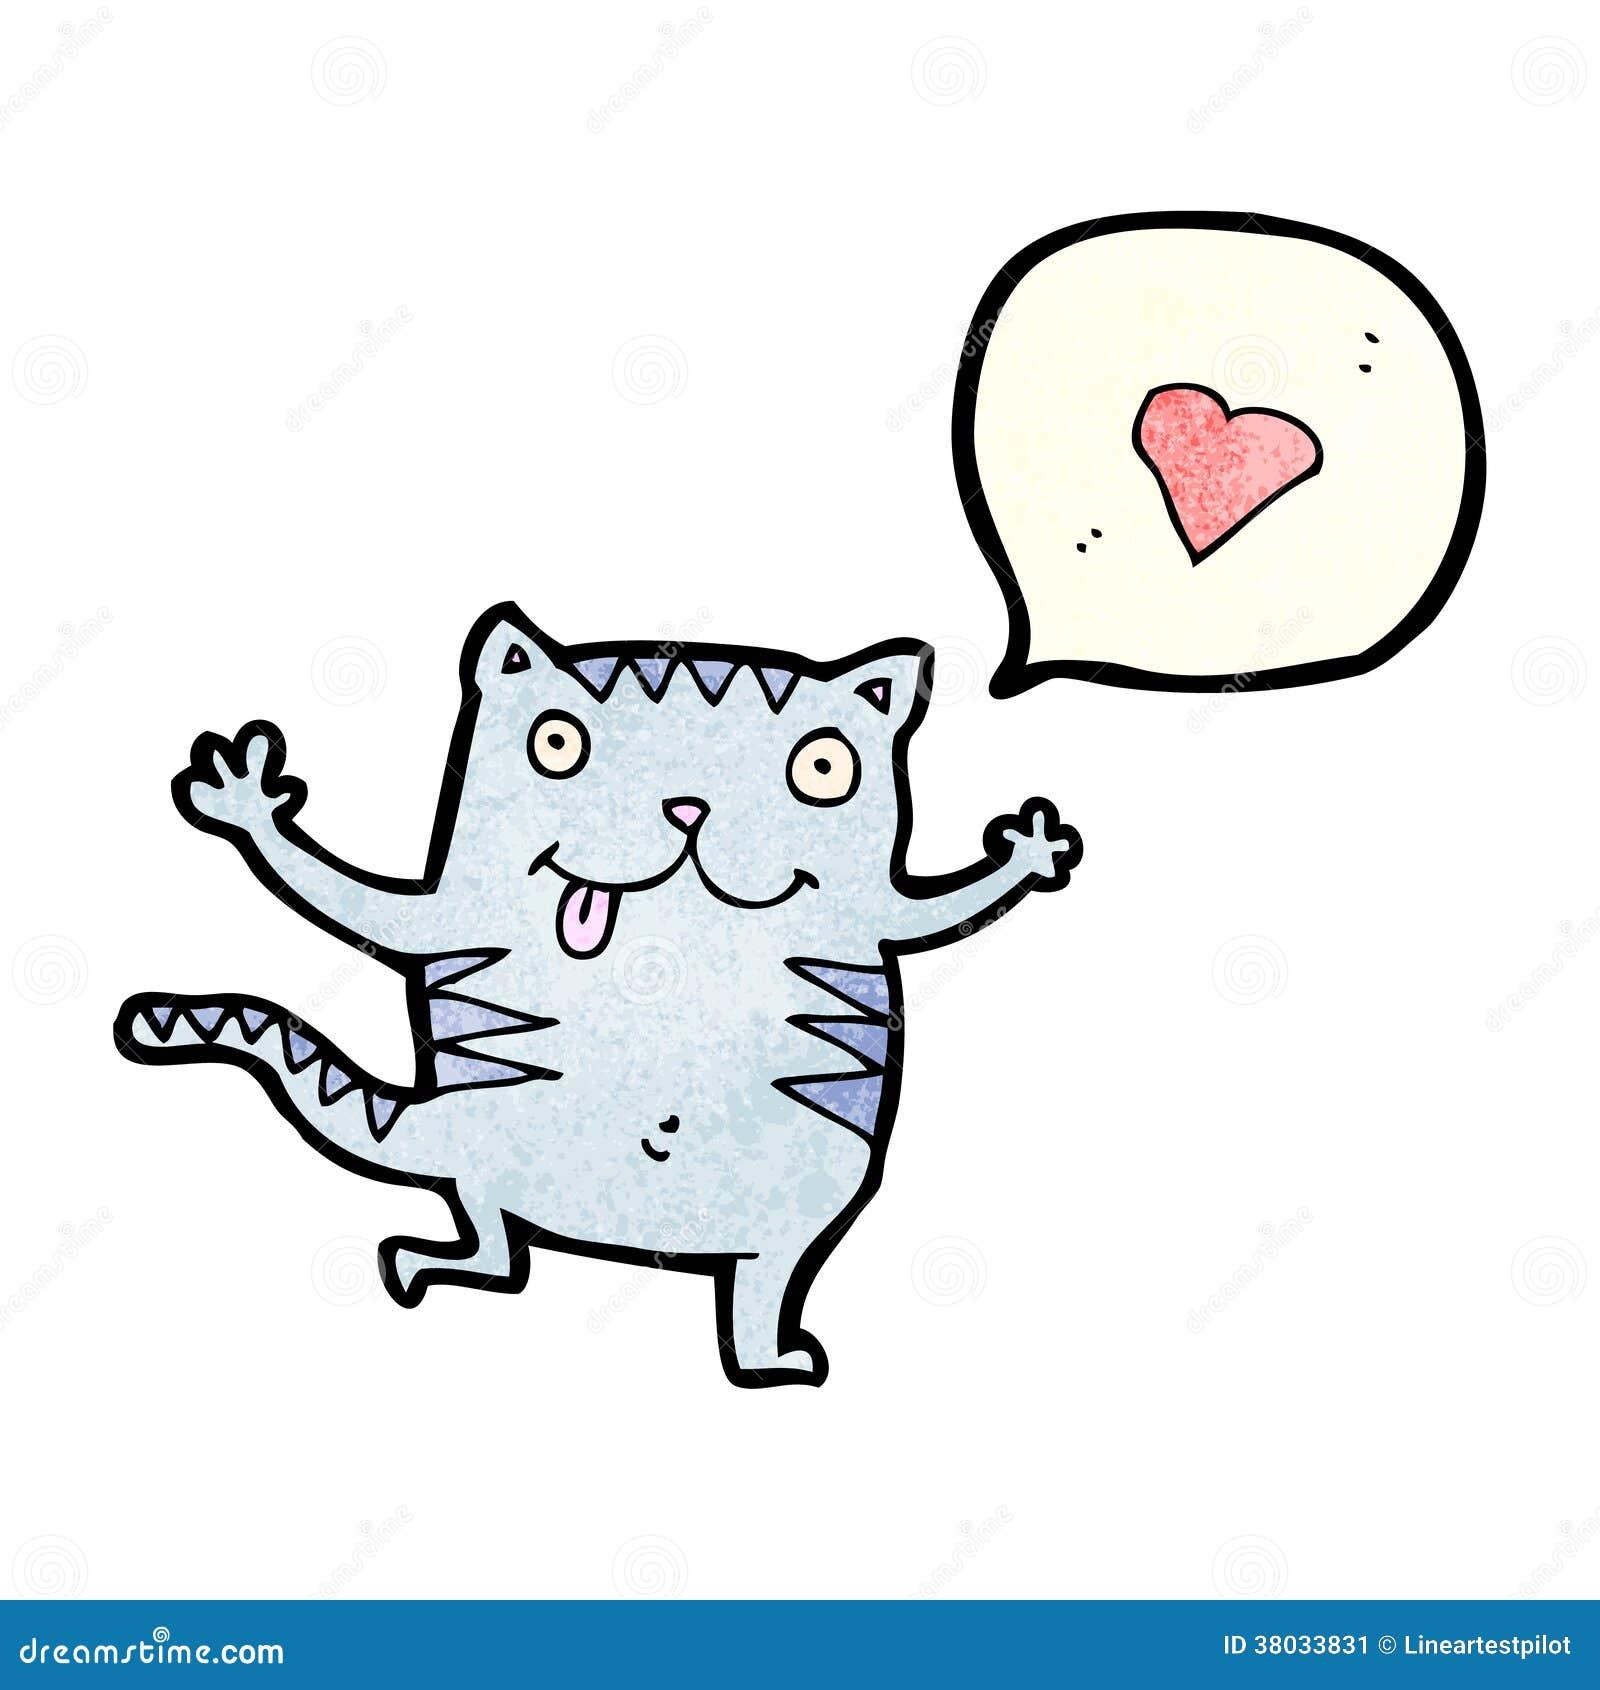 In Love Cartoon: Crazy Cat In Love Cartoon Stock Image